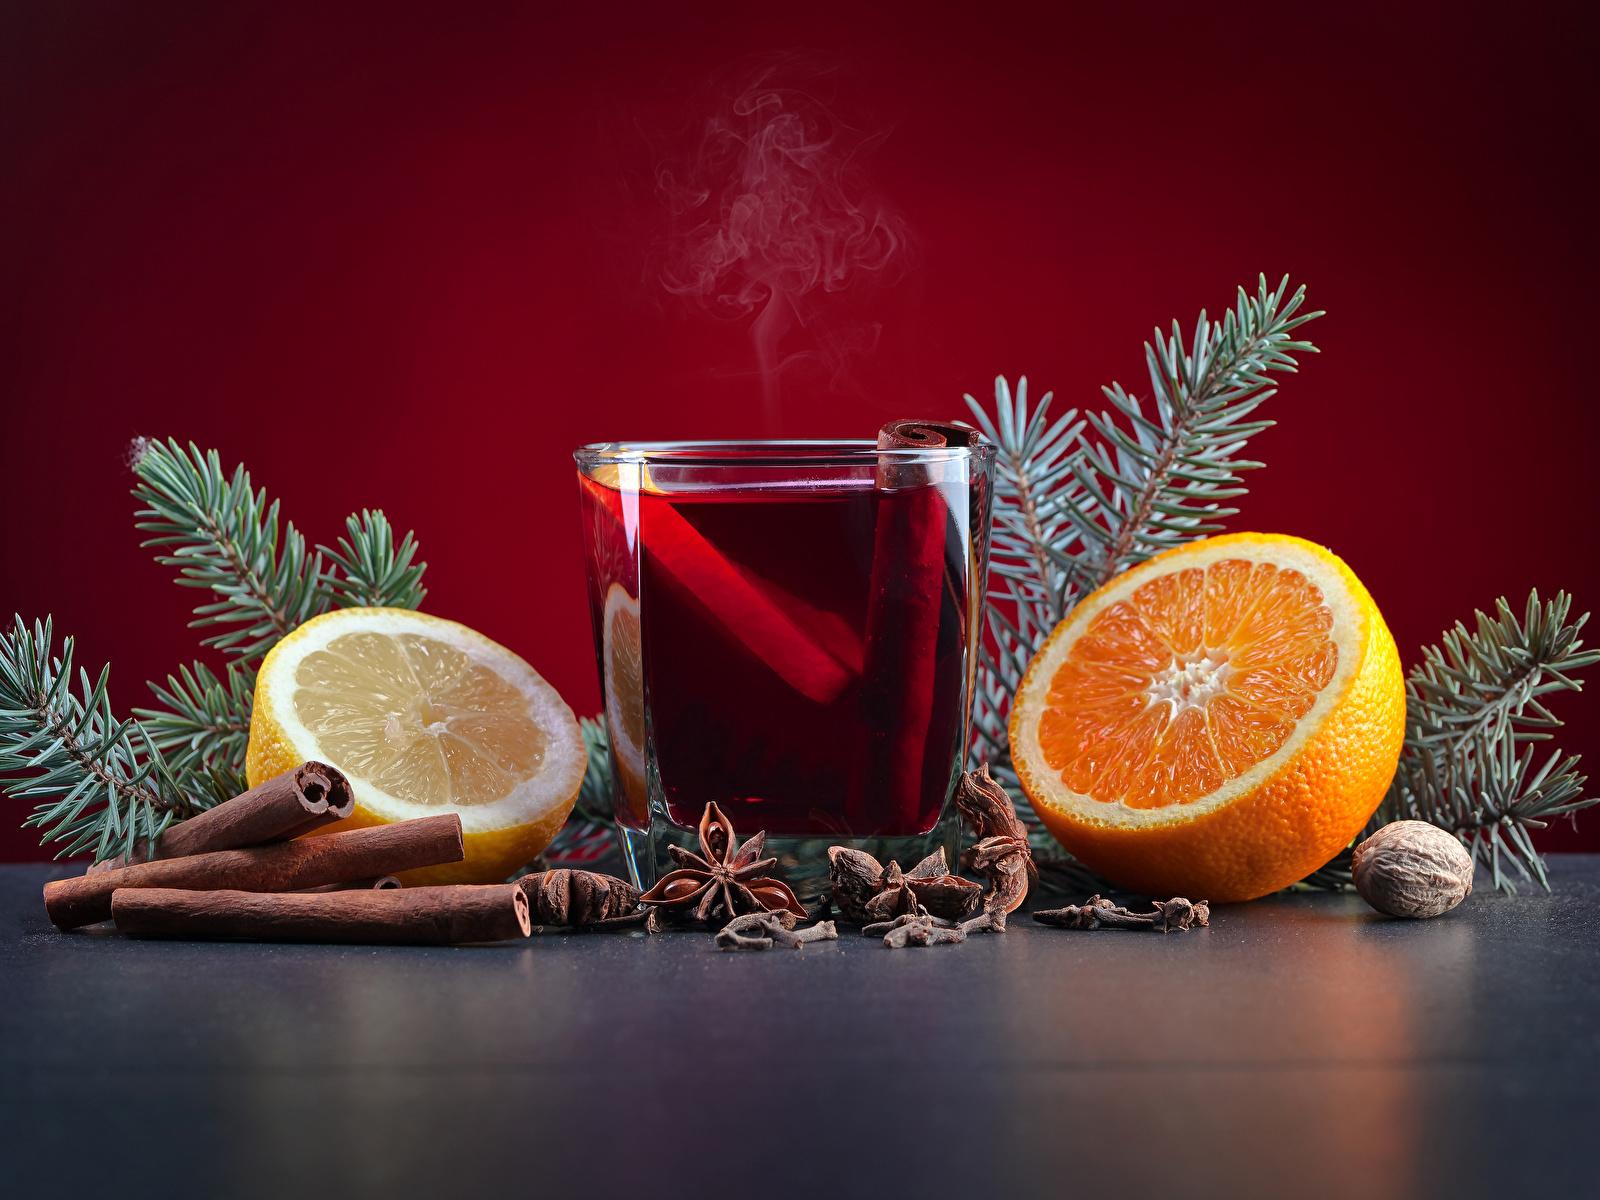 Картинка Новый год Апельсин Бадьян звезда аниса Стакан Лимоны Корица Еда Орехи Напитки 1600x1200 Рождество стакана стакане Пища Продукты питания